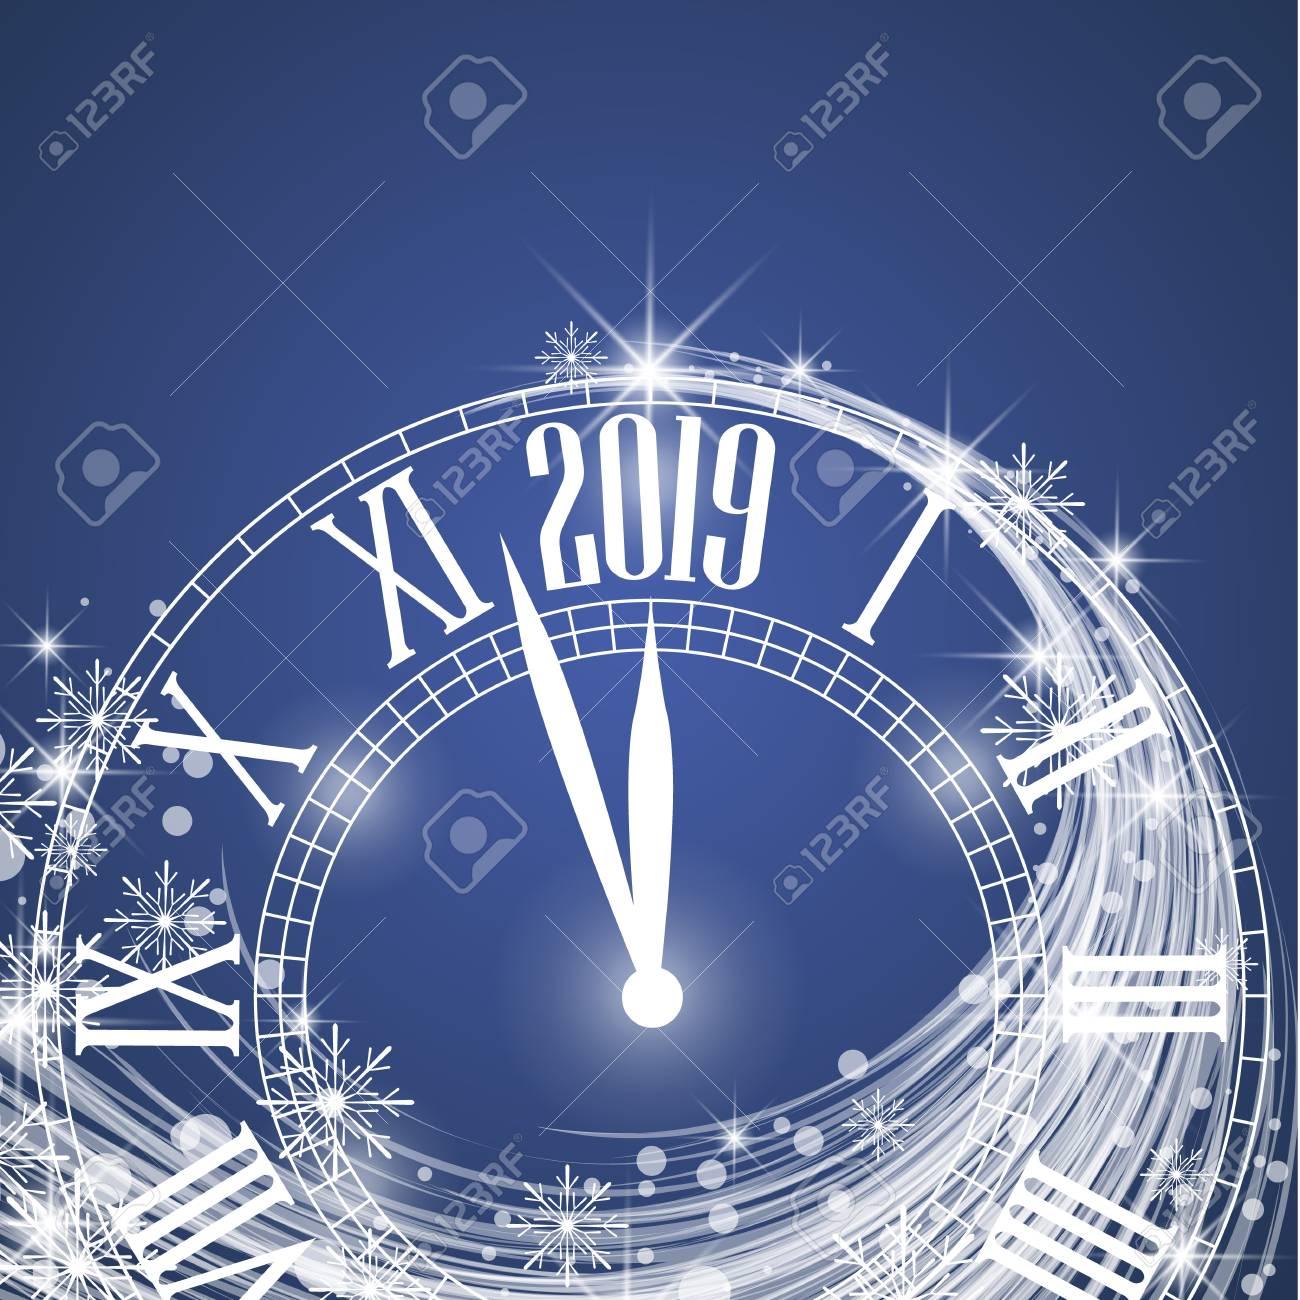 FELIZ AÑO 2019 89265220-feliz-a%C3%B1o-nuevo-2019-ilustraci%C3%B3n-vectorial-fondo-de-navidad-con-reloj-mostrando-a%C3%B1o